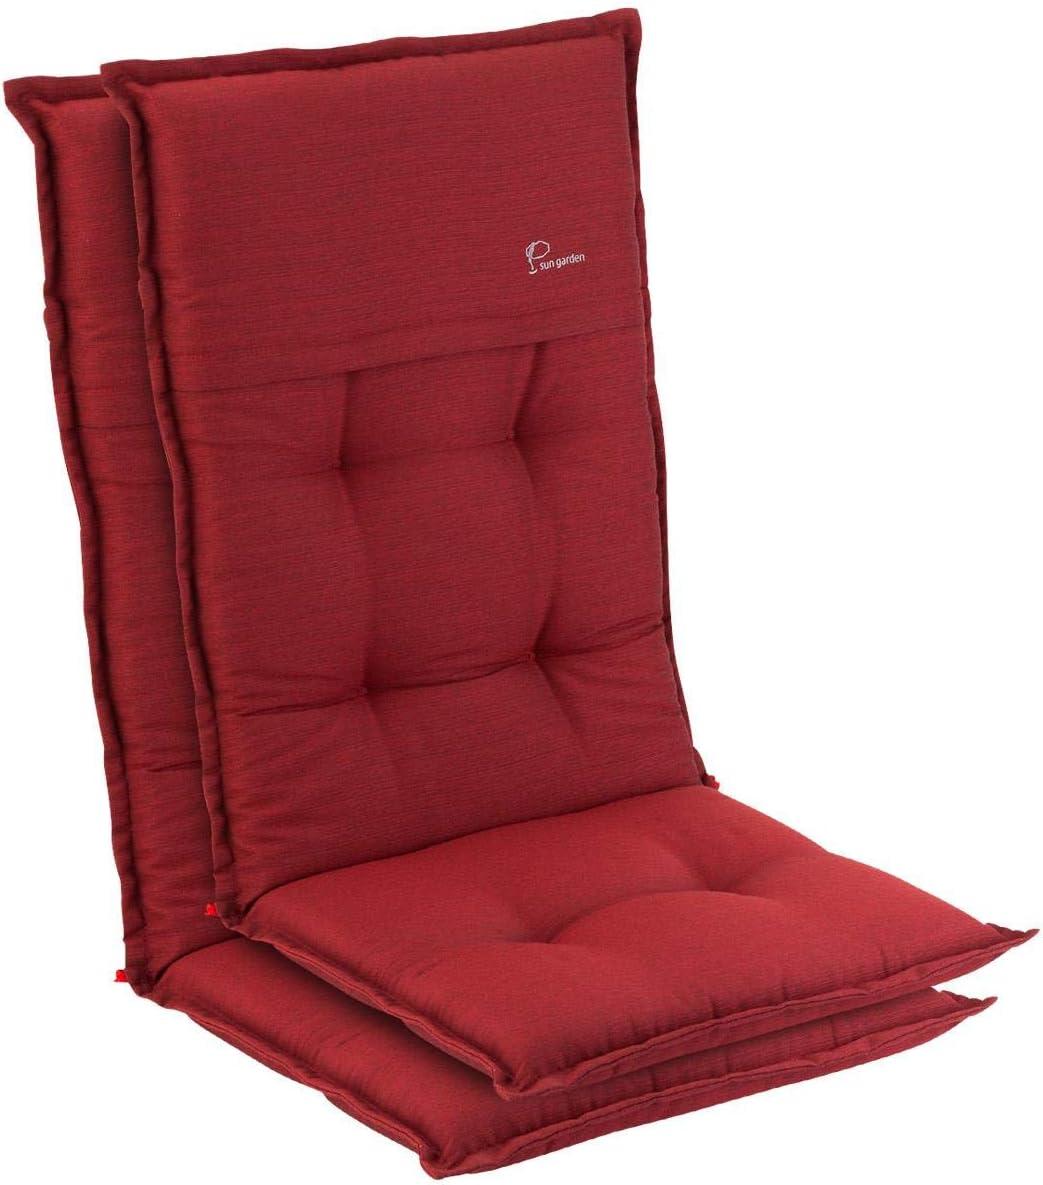 Homeoutfit24 Elbe - Cojín para sillas de jardín, Hecho en Europa, Respaldo Alto de dralón, Lavable, Banda elástica Ajustable, Relleno Espuma, Resistente Rayos UV, 2 Unidades, Rojo